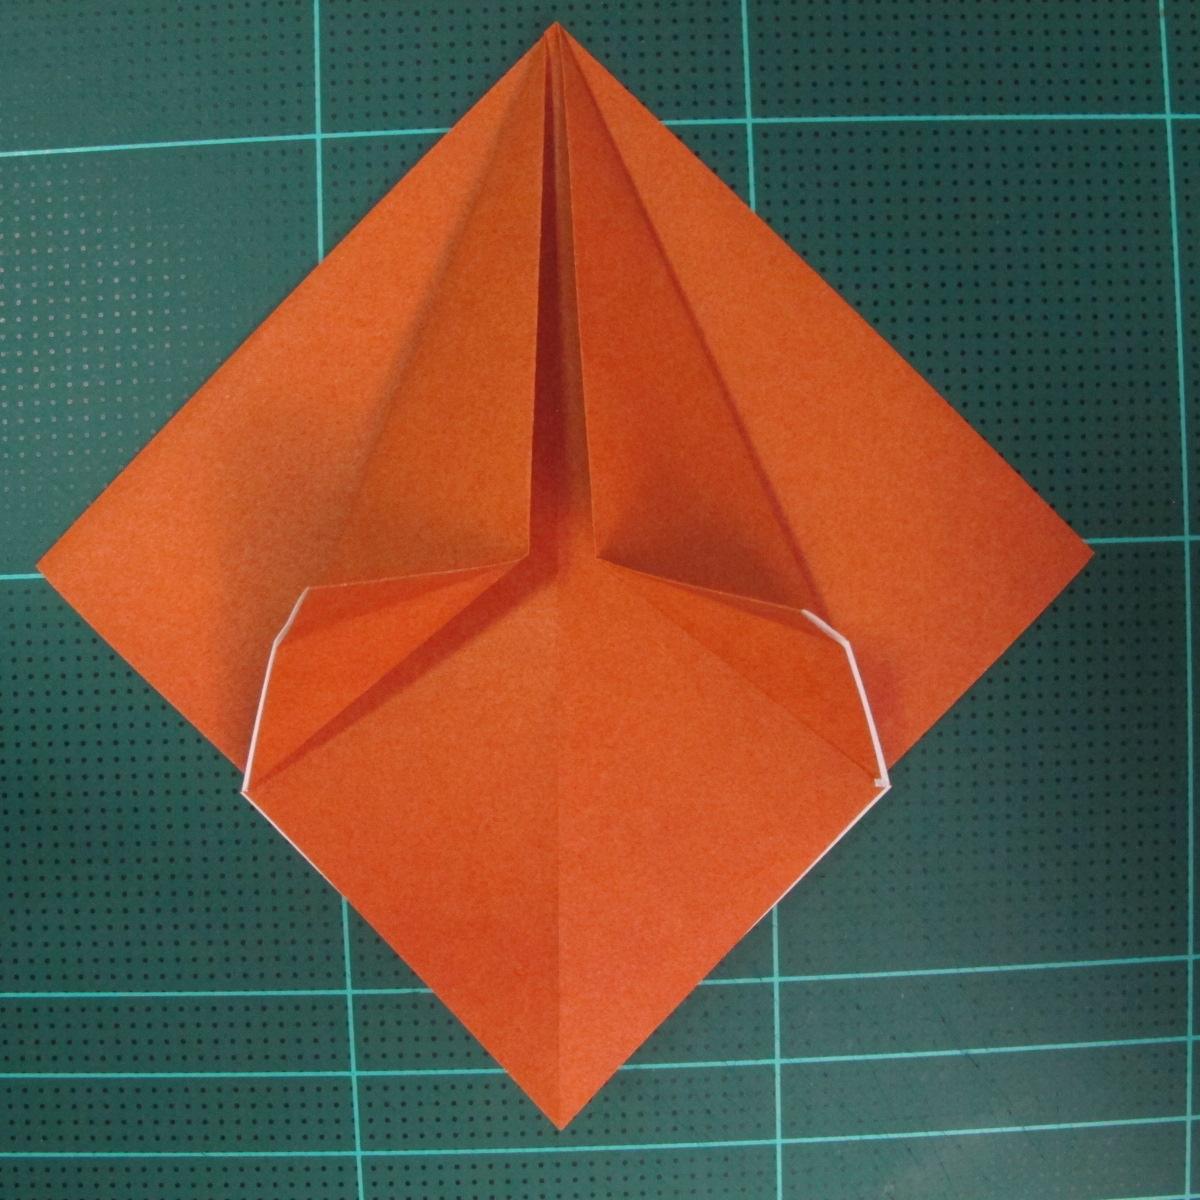 การพับกระดาษเป็นที่คั่นหนังสือหมีแว่น (Spectacled Bear Origami)  โดย Diego Quevedo 009